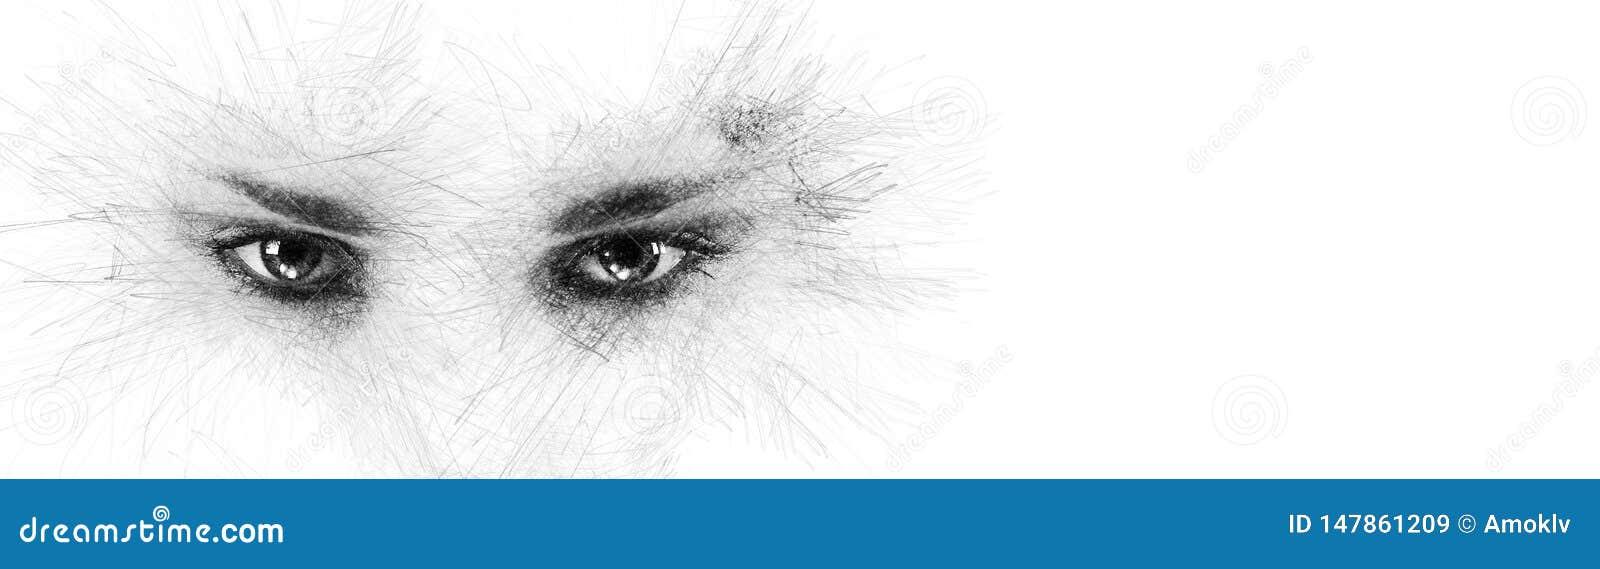 Глаза женщины силуэта стороны эскиза карандаша смотря камеру в сторону на белом космосе экземпляра предпосылки для вашего схемати